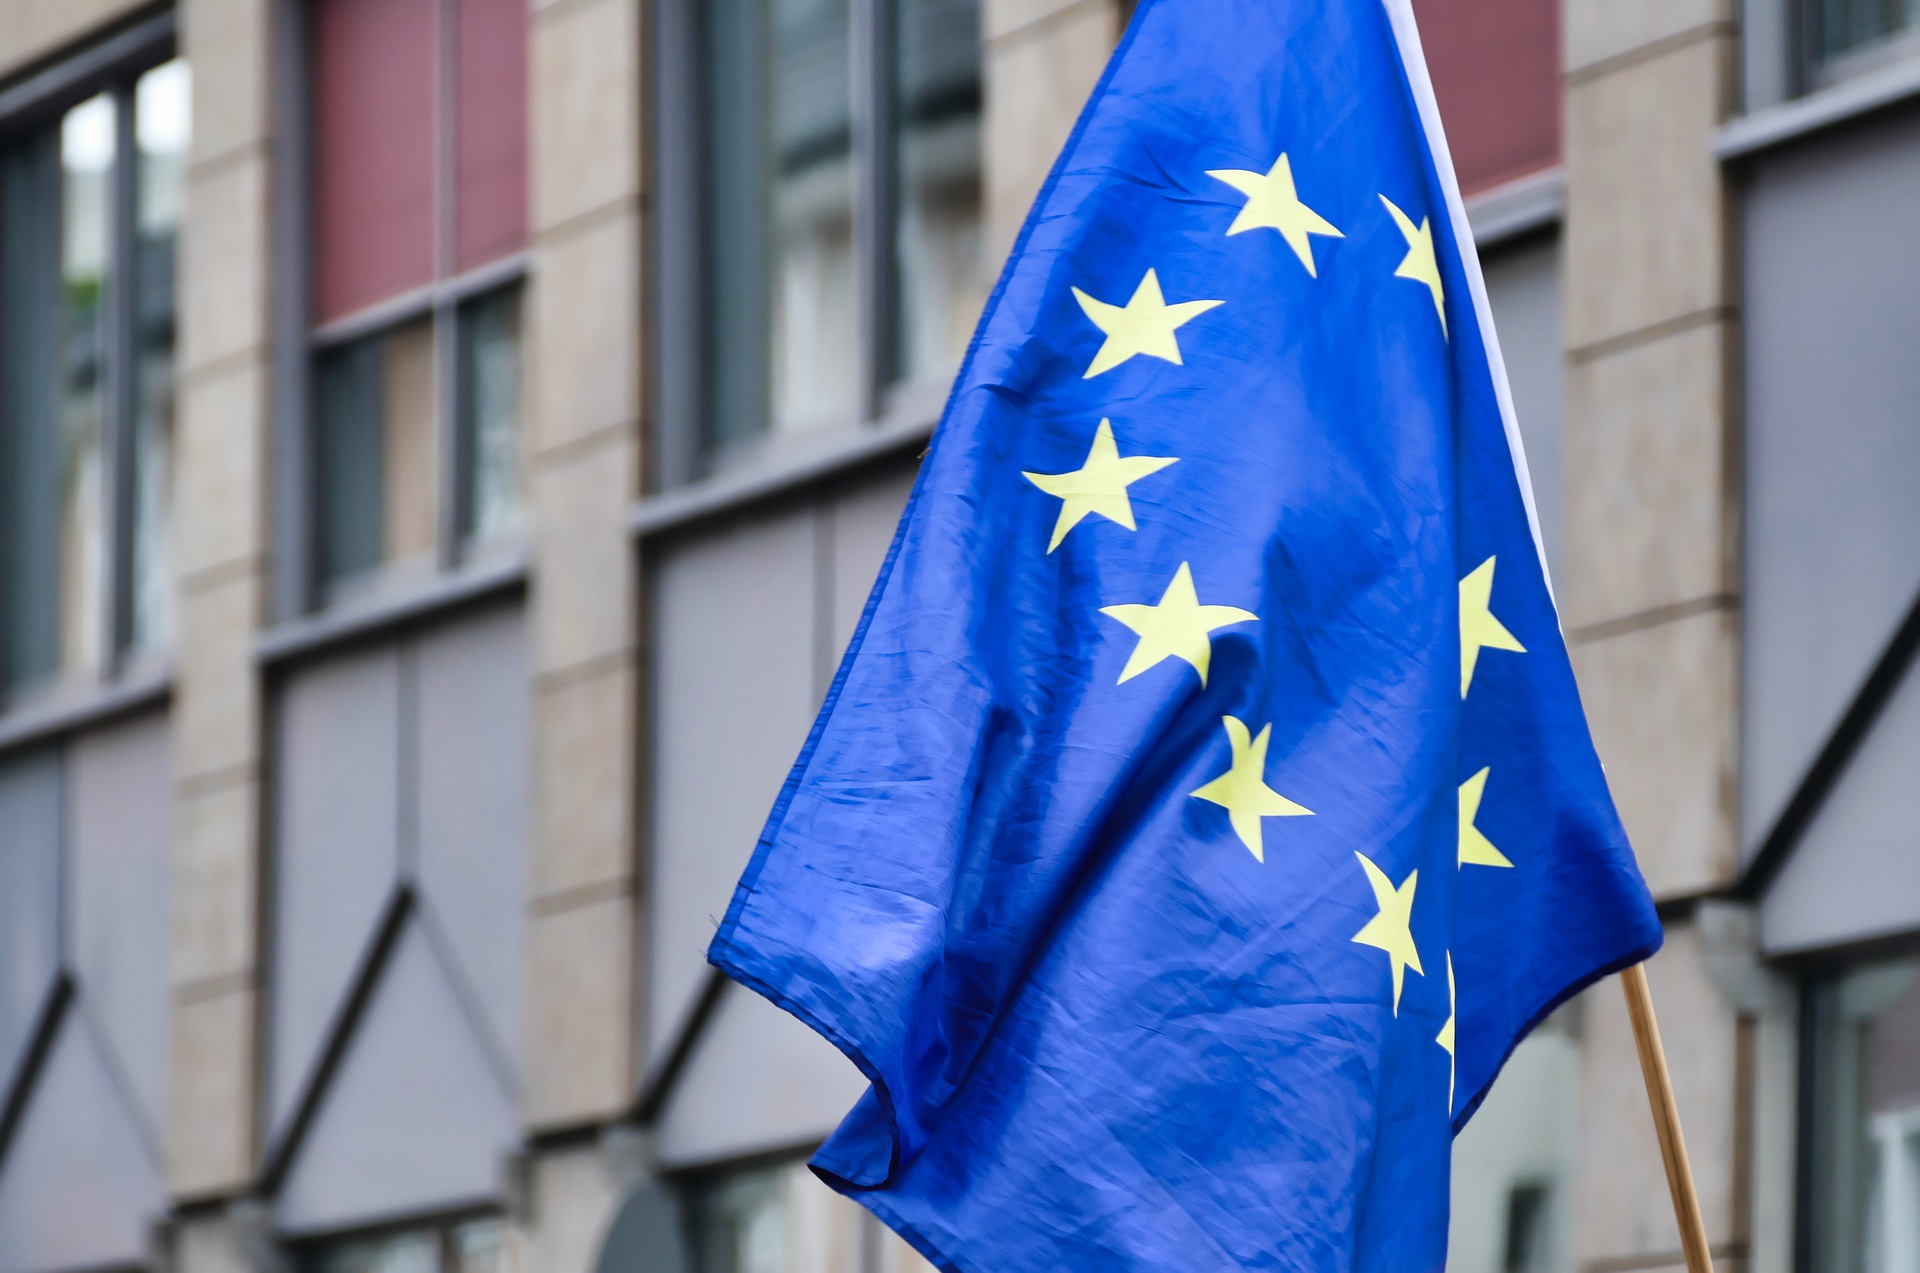 З 2014 року експорт українських товарів до ЄС зріс на 60%